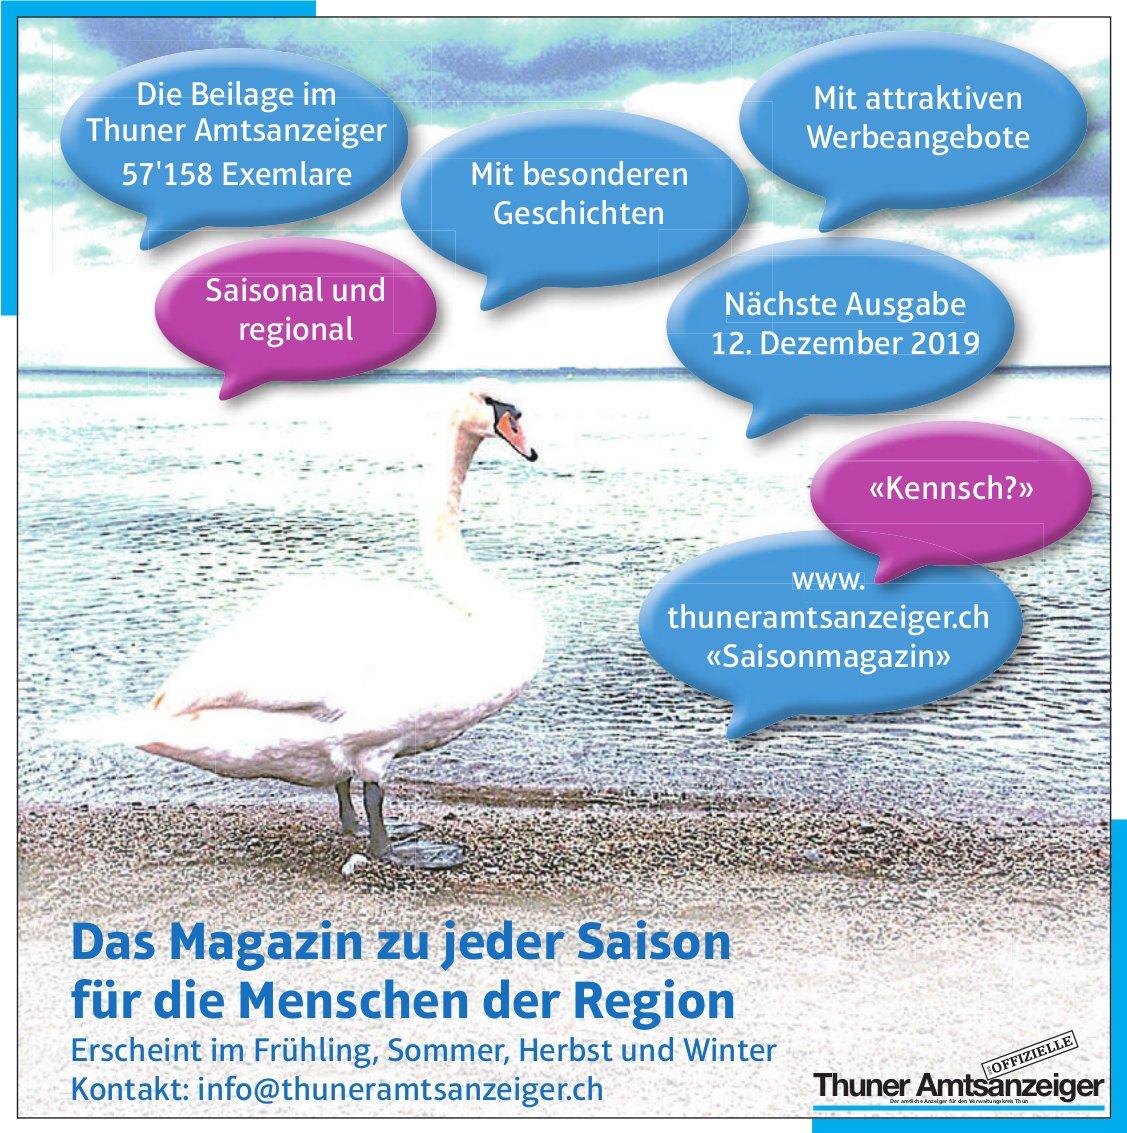 Thuner Amtsanzeiger - Das Magazin zu jeder Saison für die Menschen der Region